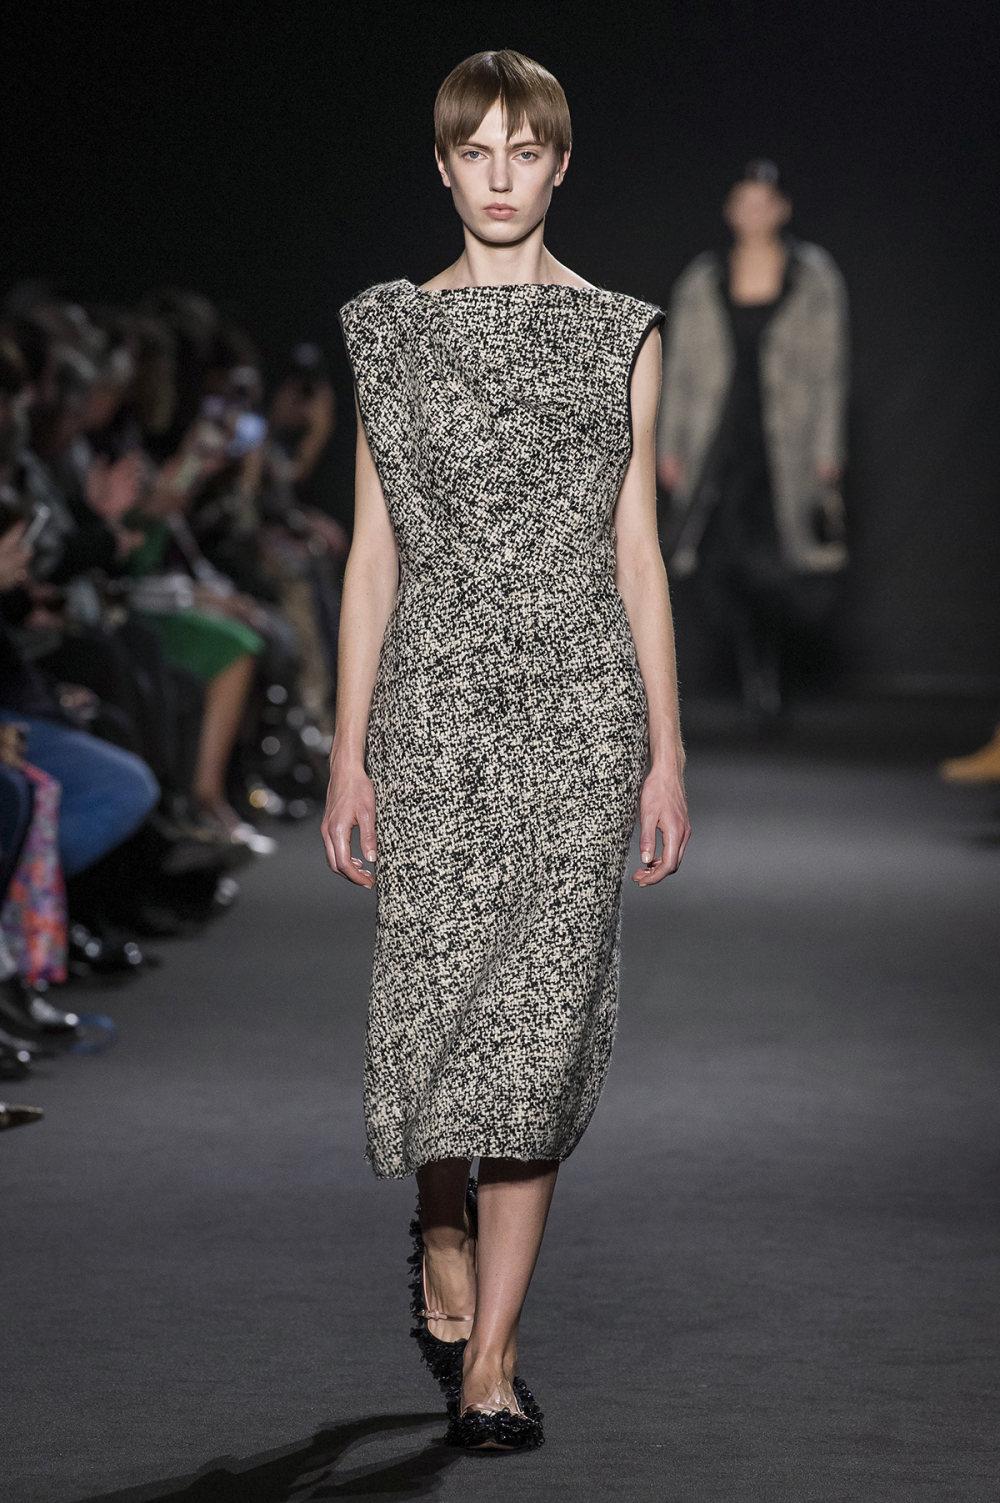 Rochas时装系列黑色无领斜纹软呢褶皱的黑色裙身饰有超细短袖衬衫-2.jpg